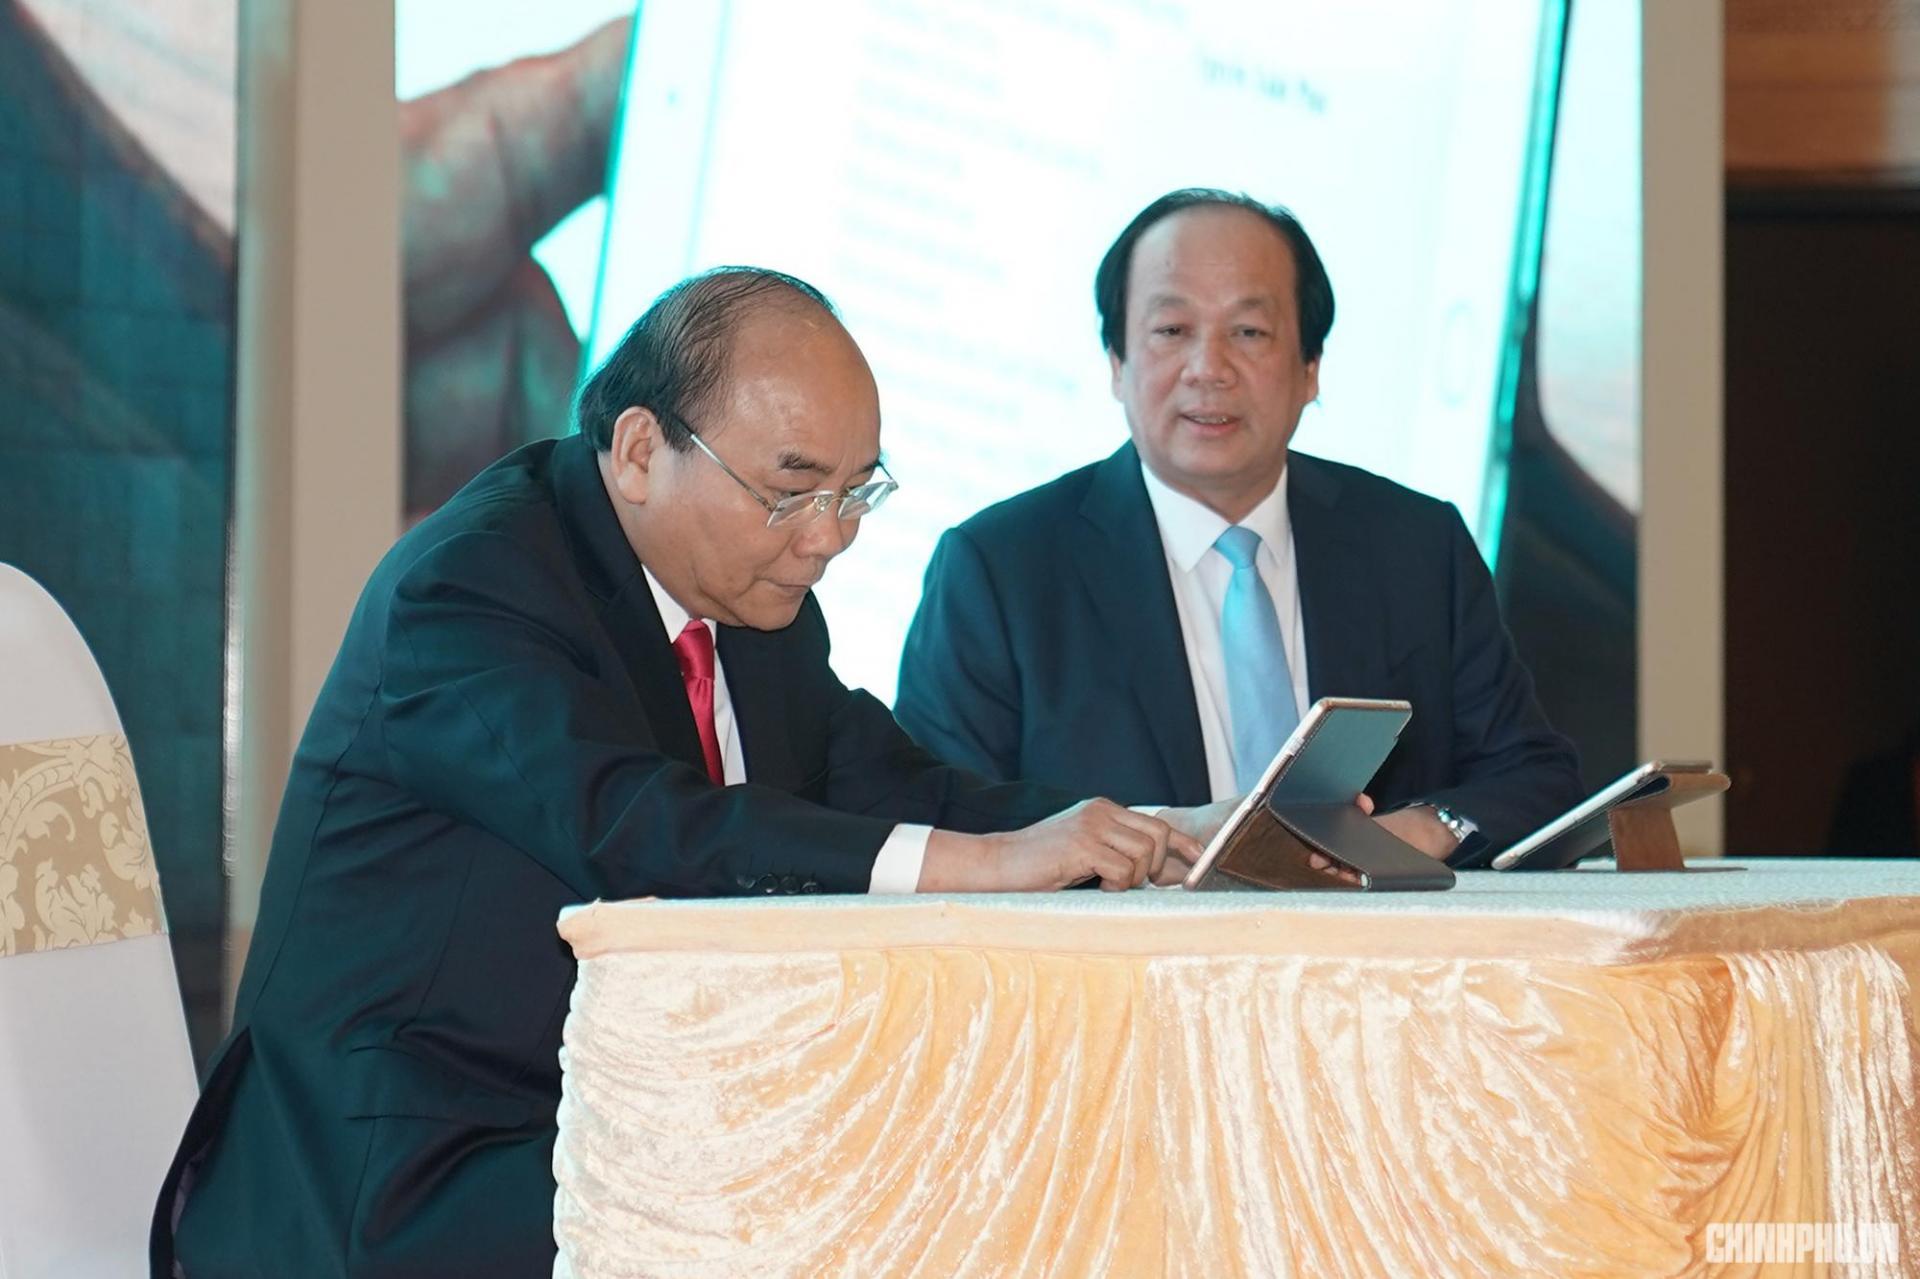 Thủ tướng Nguyễn Xuân Phúc ký ban hành văn bản trên hệ thống quản lý văn bản điện tử. Ảnh VGP/Quang Hiếu